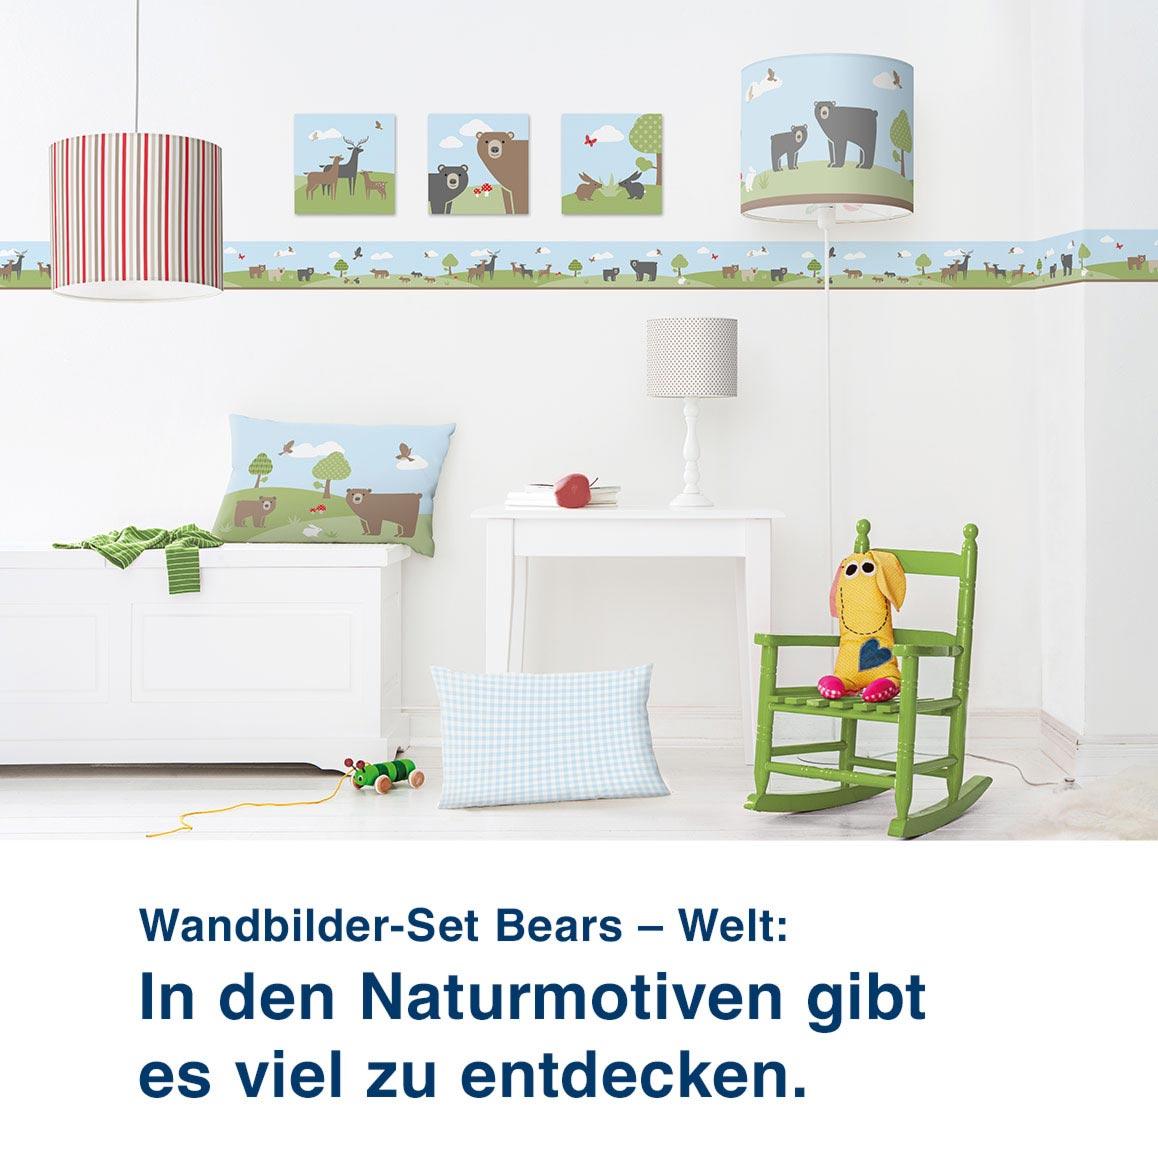 Wandbilder-Set Bears – Welt:  In den Naturmotiven gibt  es viel zu entdecken.